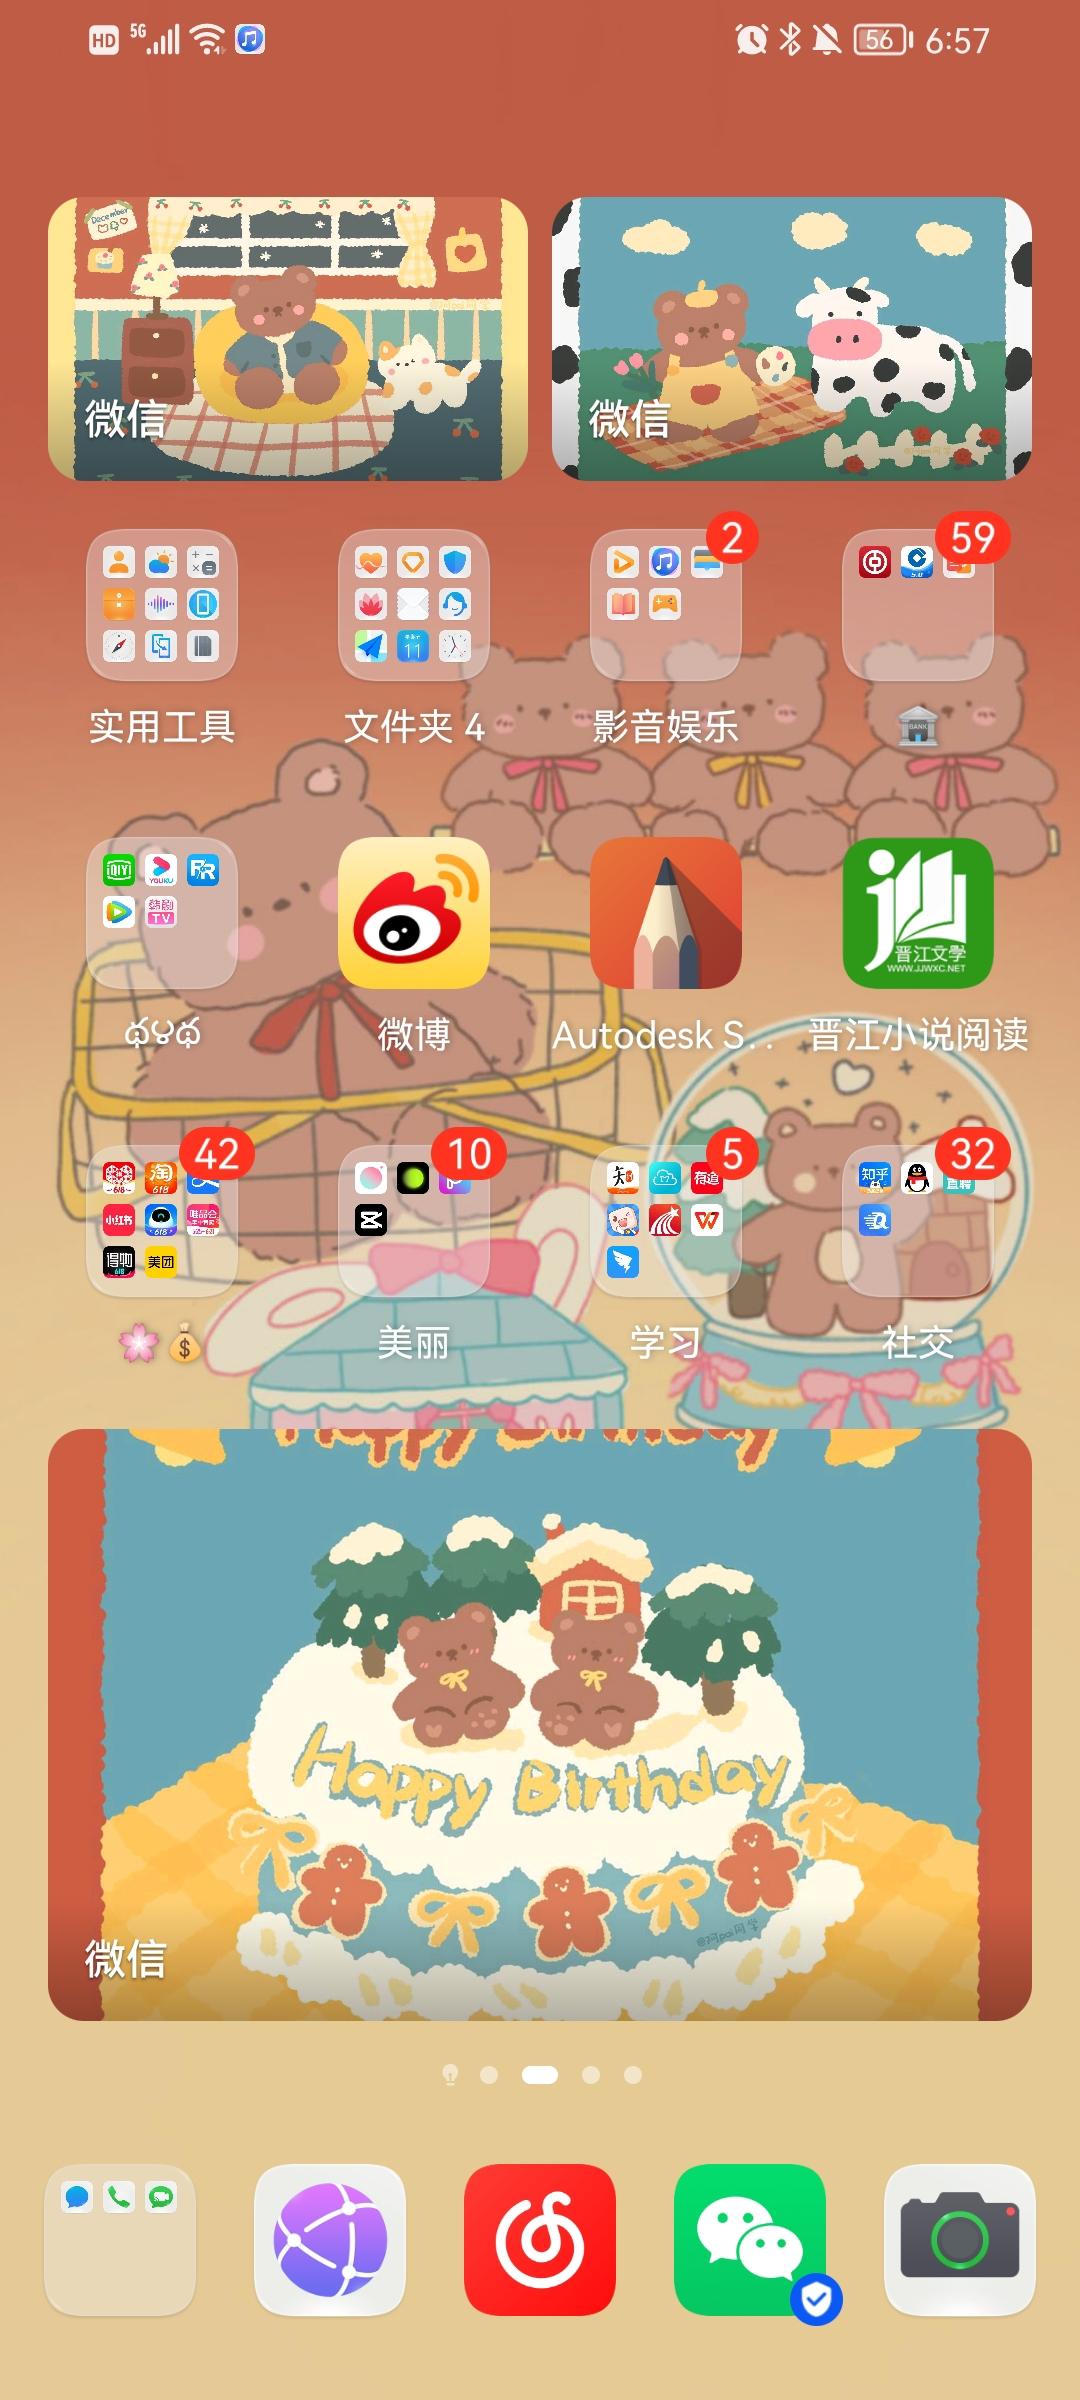 Screenshot_20210611_185724_com.huawei.android.launcher.jpg